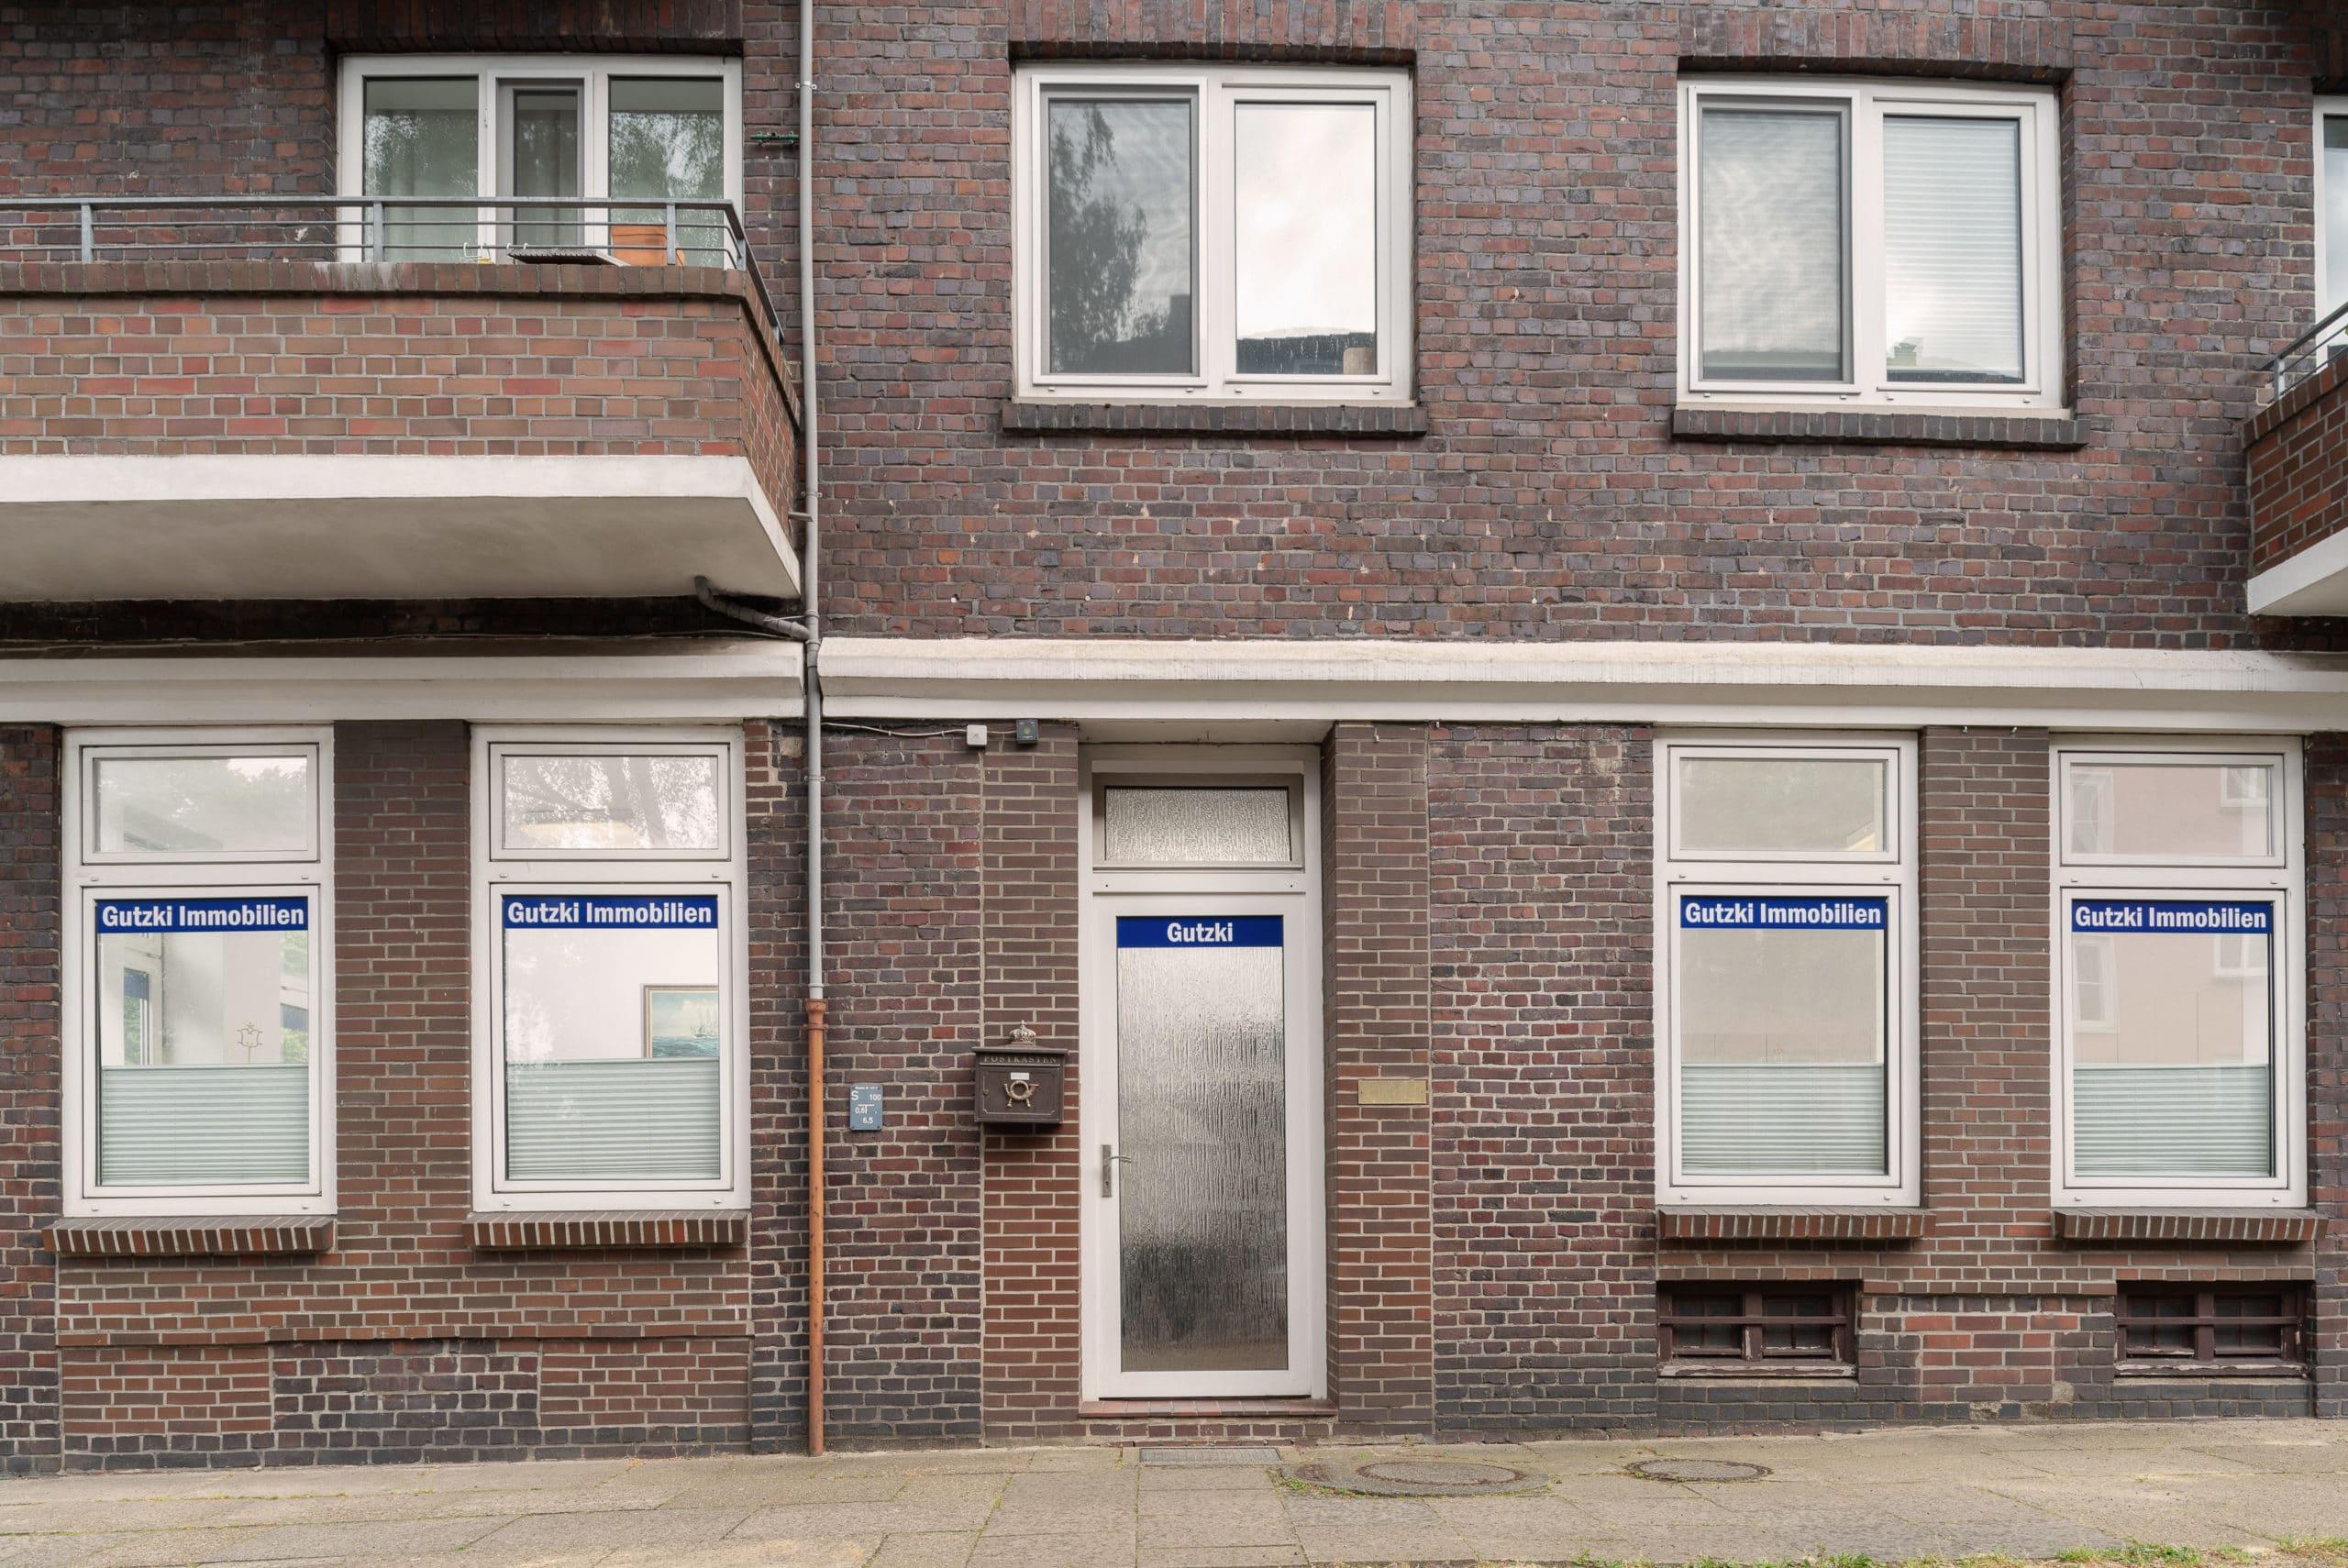 Frontale Außenaufnahme eines Unternehmens für Immobilien Verwaltung in Hamburg  Fotograf in der Region Osnabrück Münster Bielefeld für Unternehmensfotografie